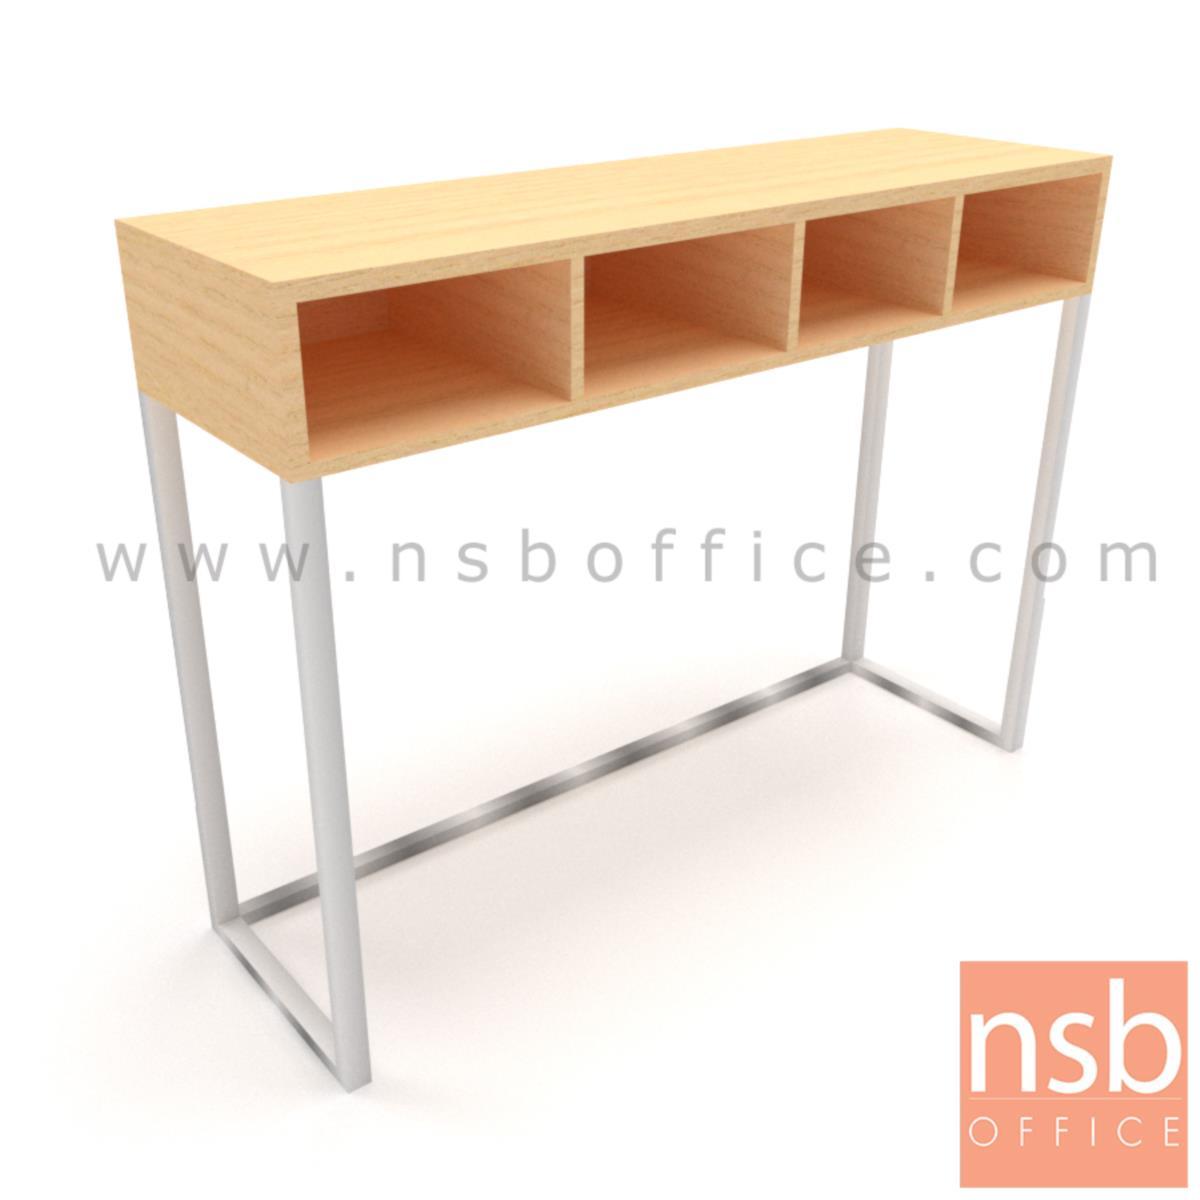 A22A020:โต๊ะเคาน์เตอร์บาร์สูงหน้าตรง  รุ่น Bar-D ขนาด 120W,150W,180W cm.  ช่องวางของ